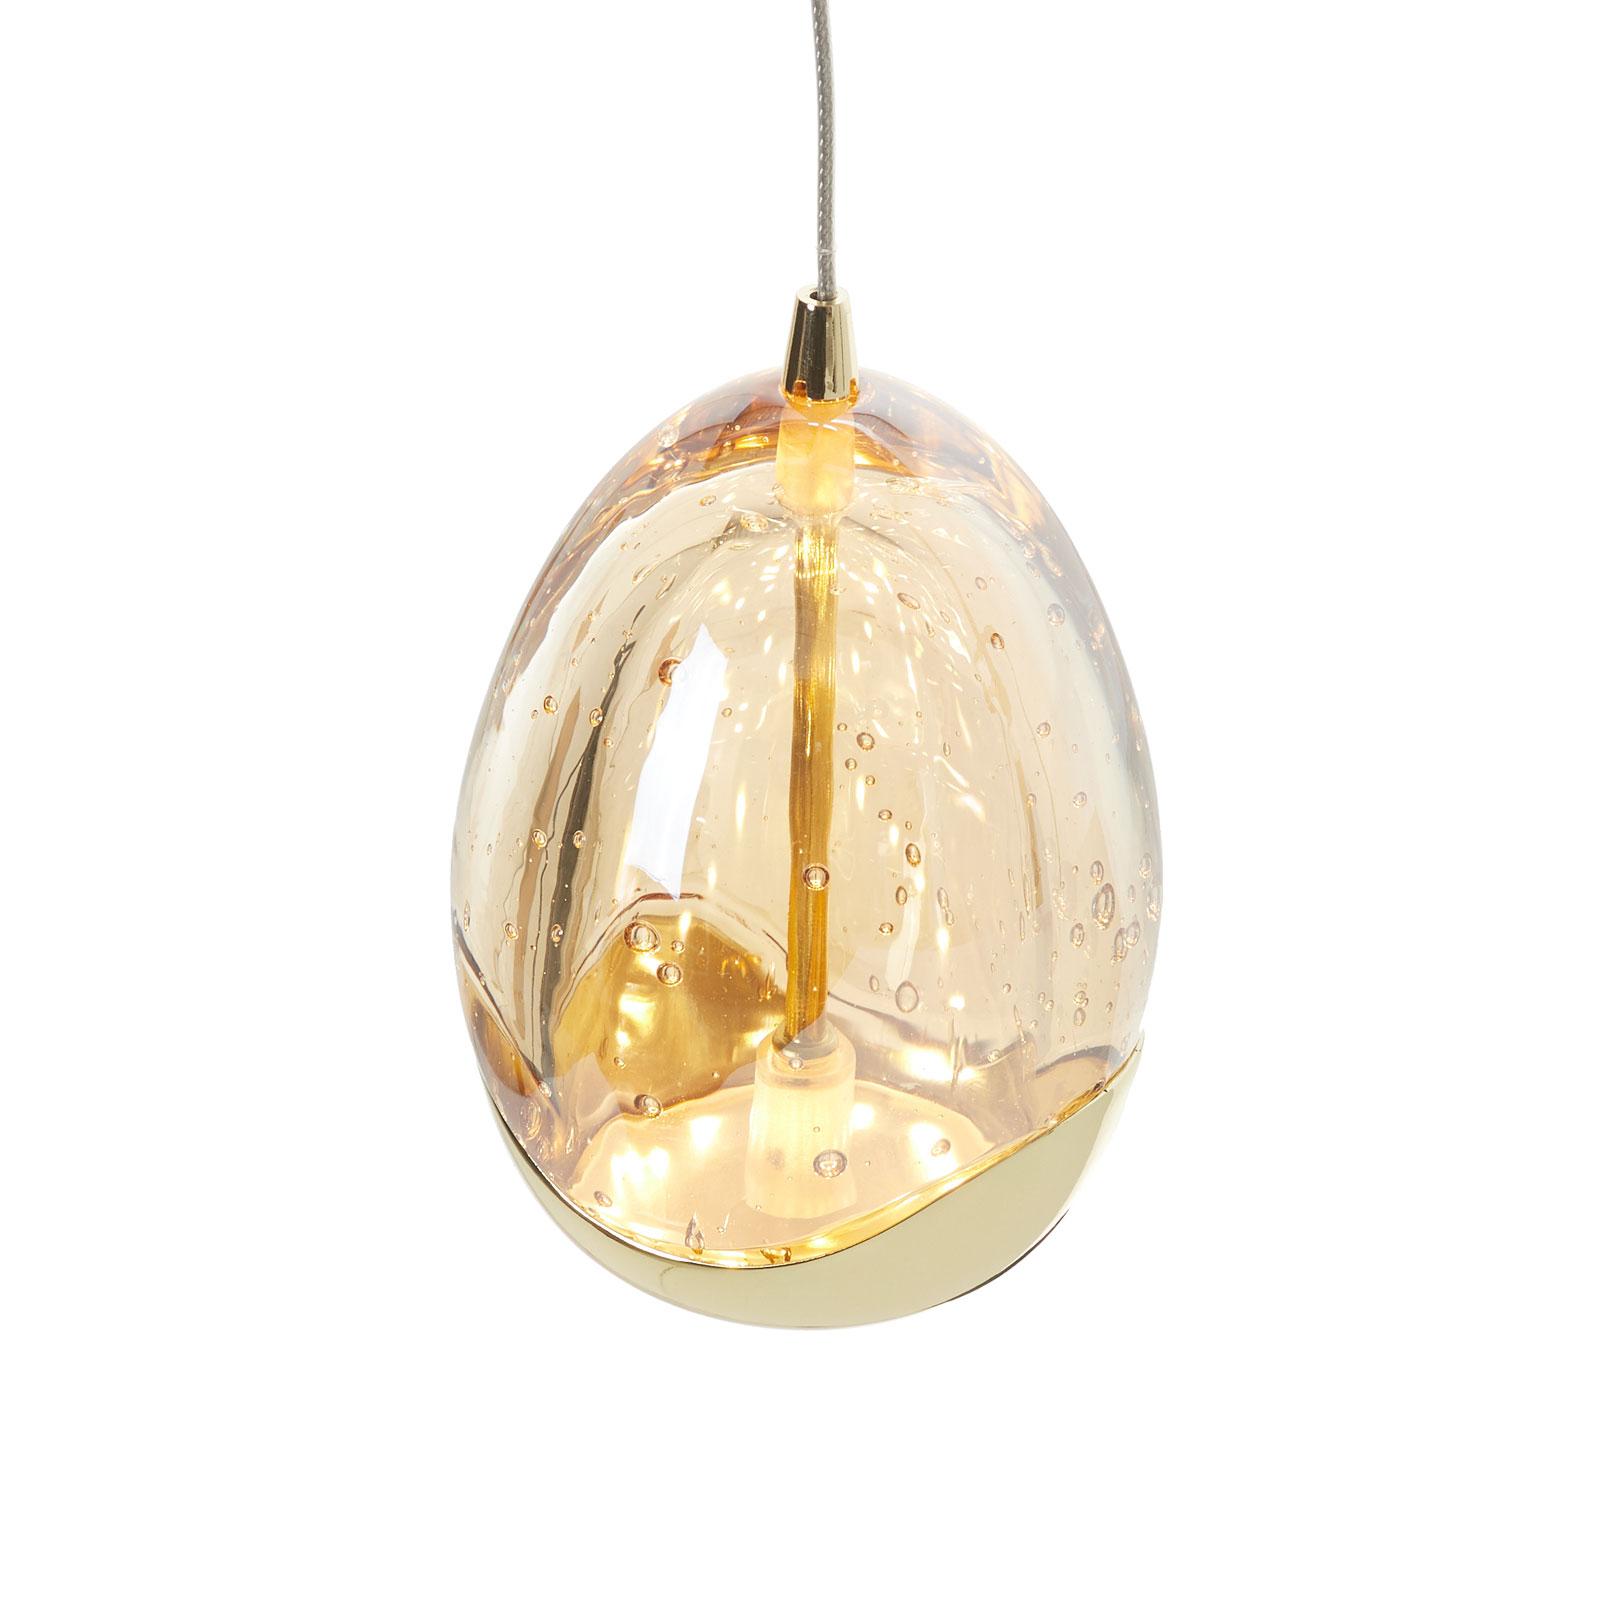 Suspension LED 1 lampe Rocio, finition dorée